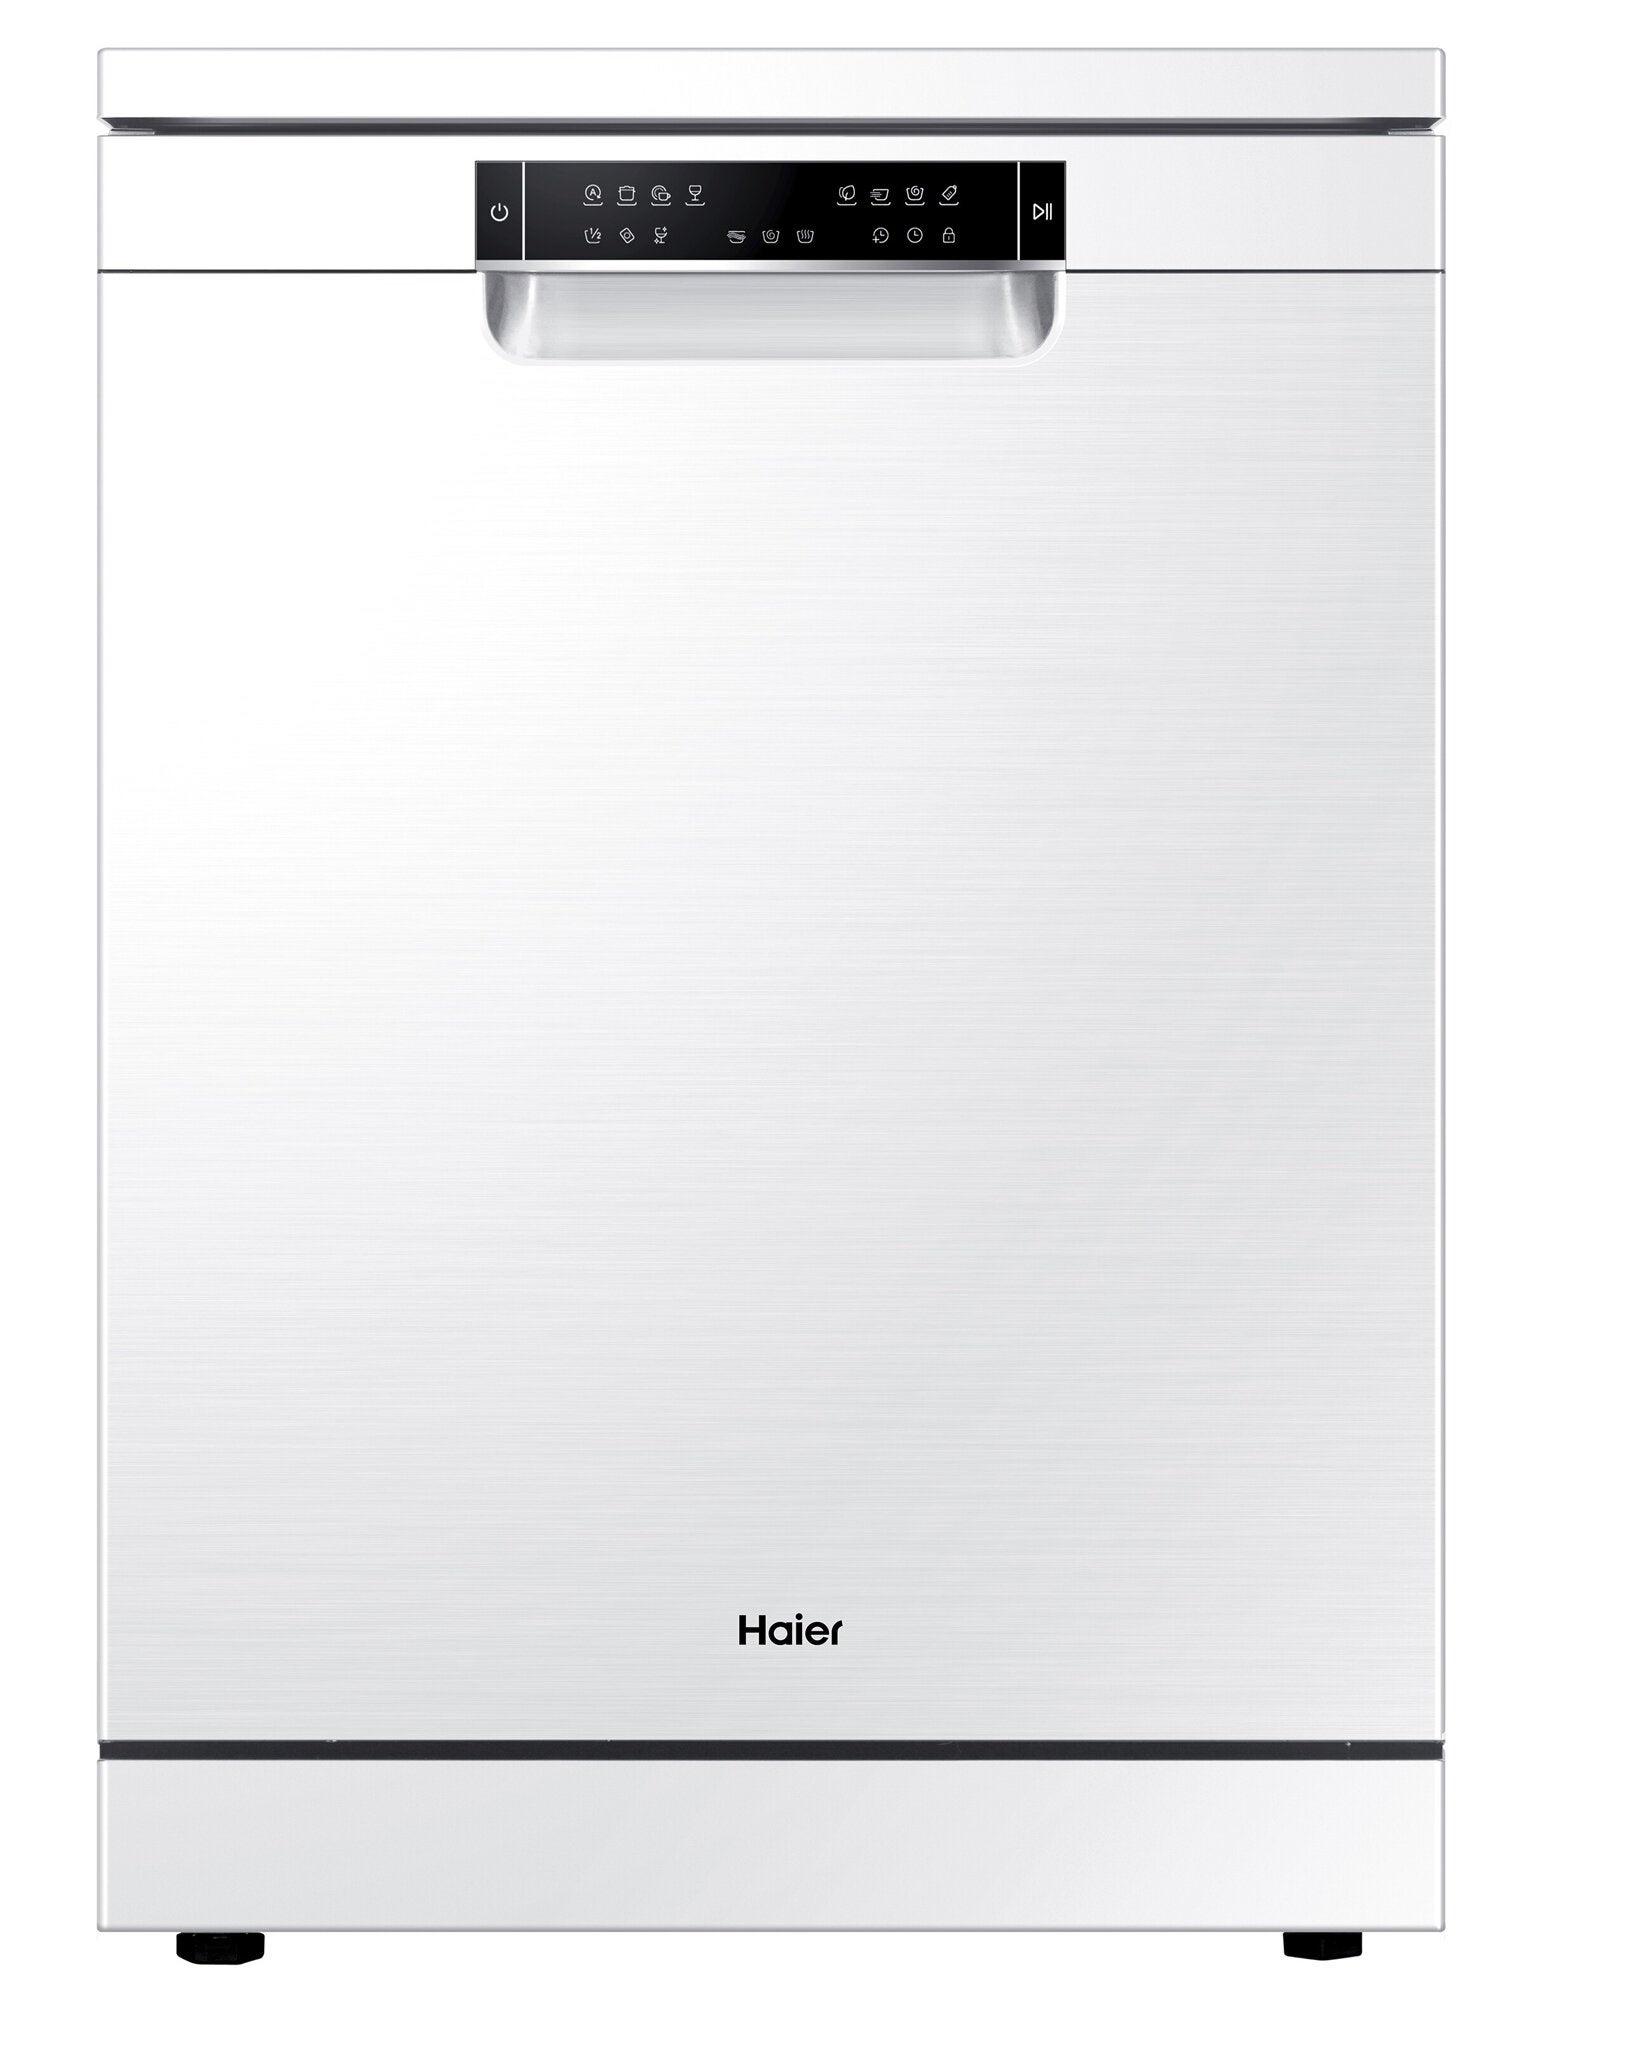 Haier HDW15V2W1 Dishwasher